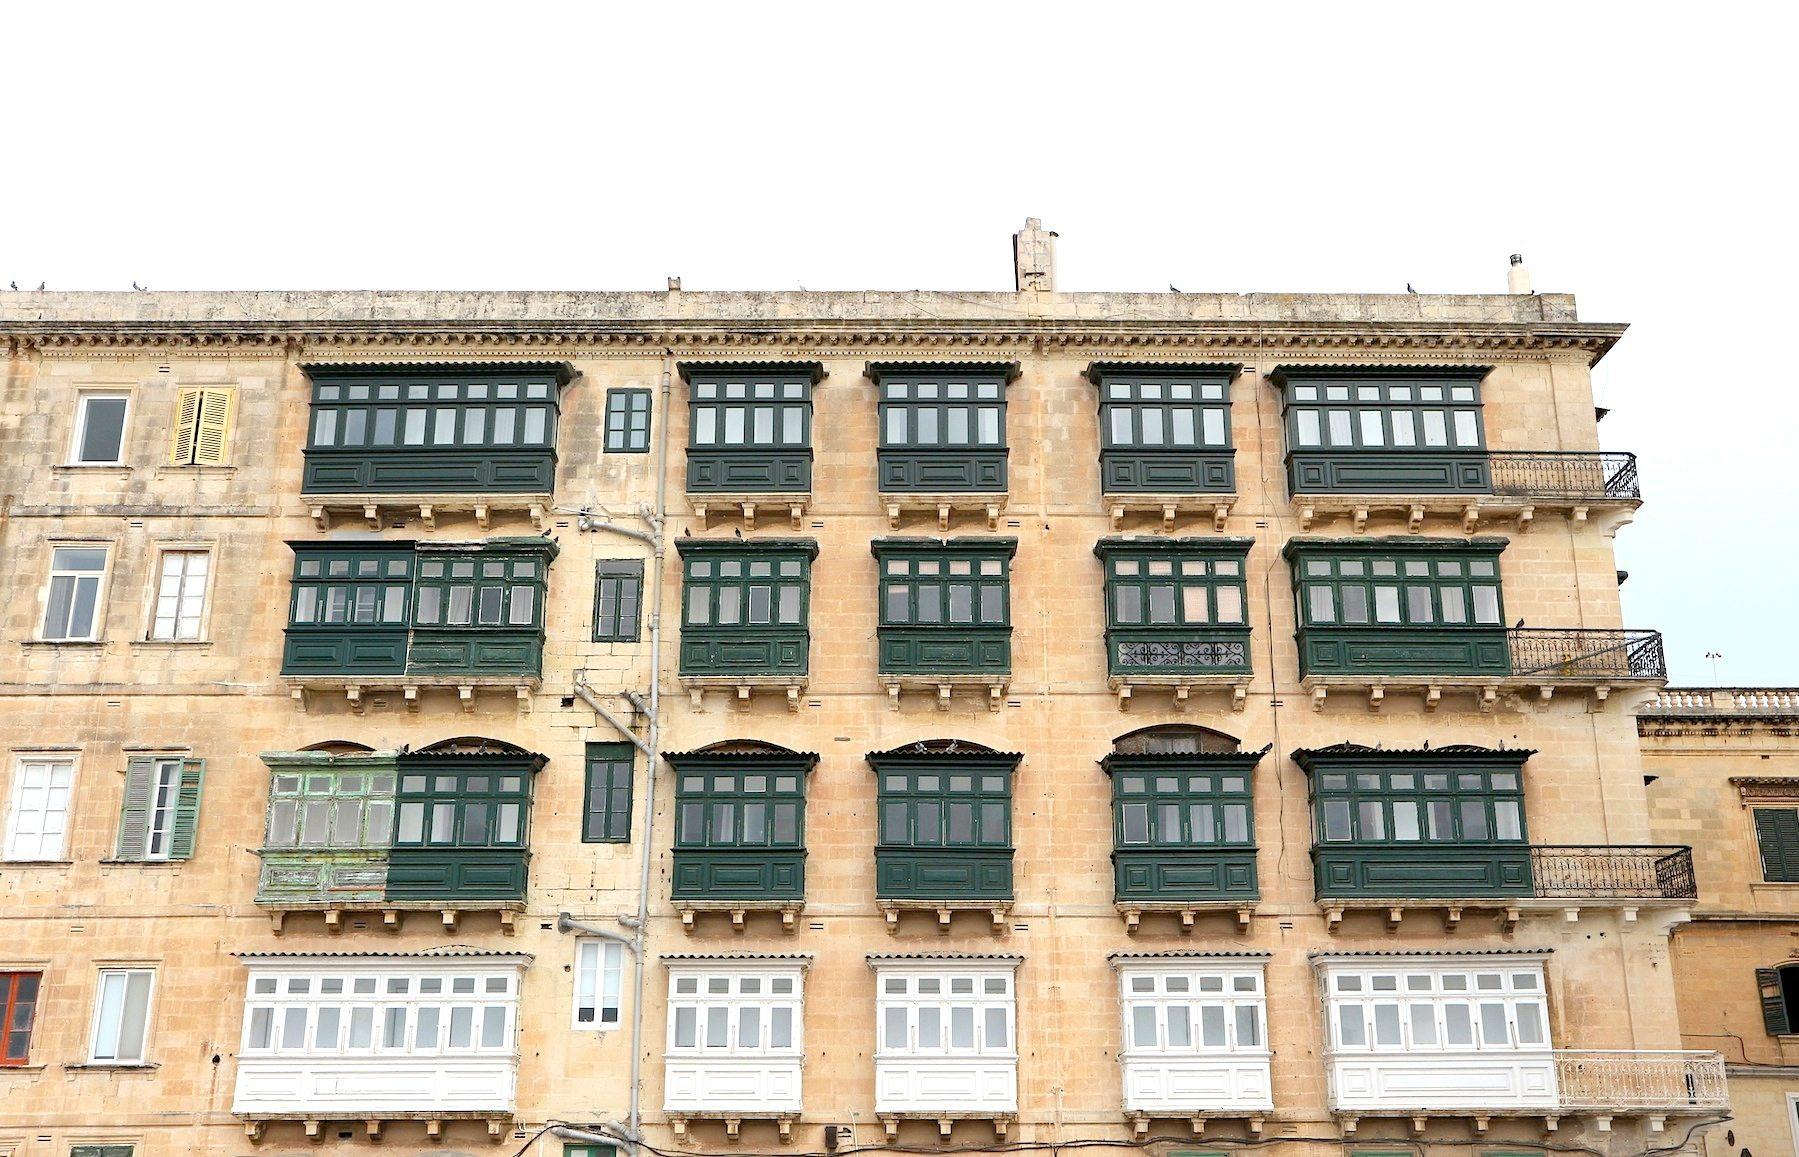 Gestaltung und Geschichte der maltesischen Balkone